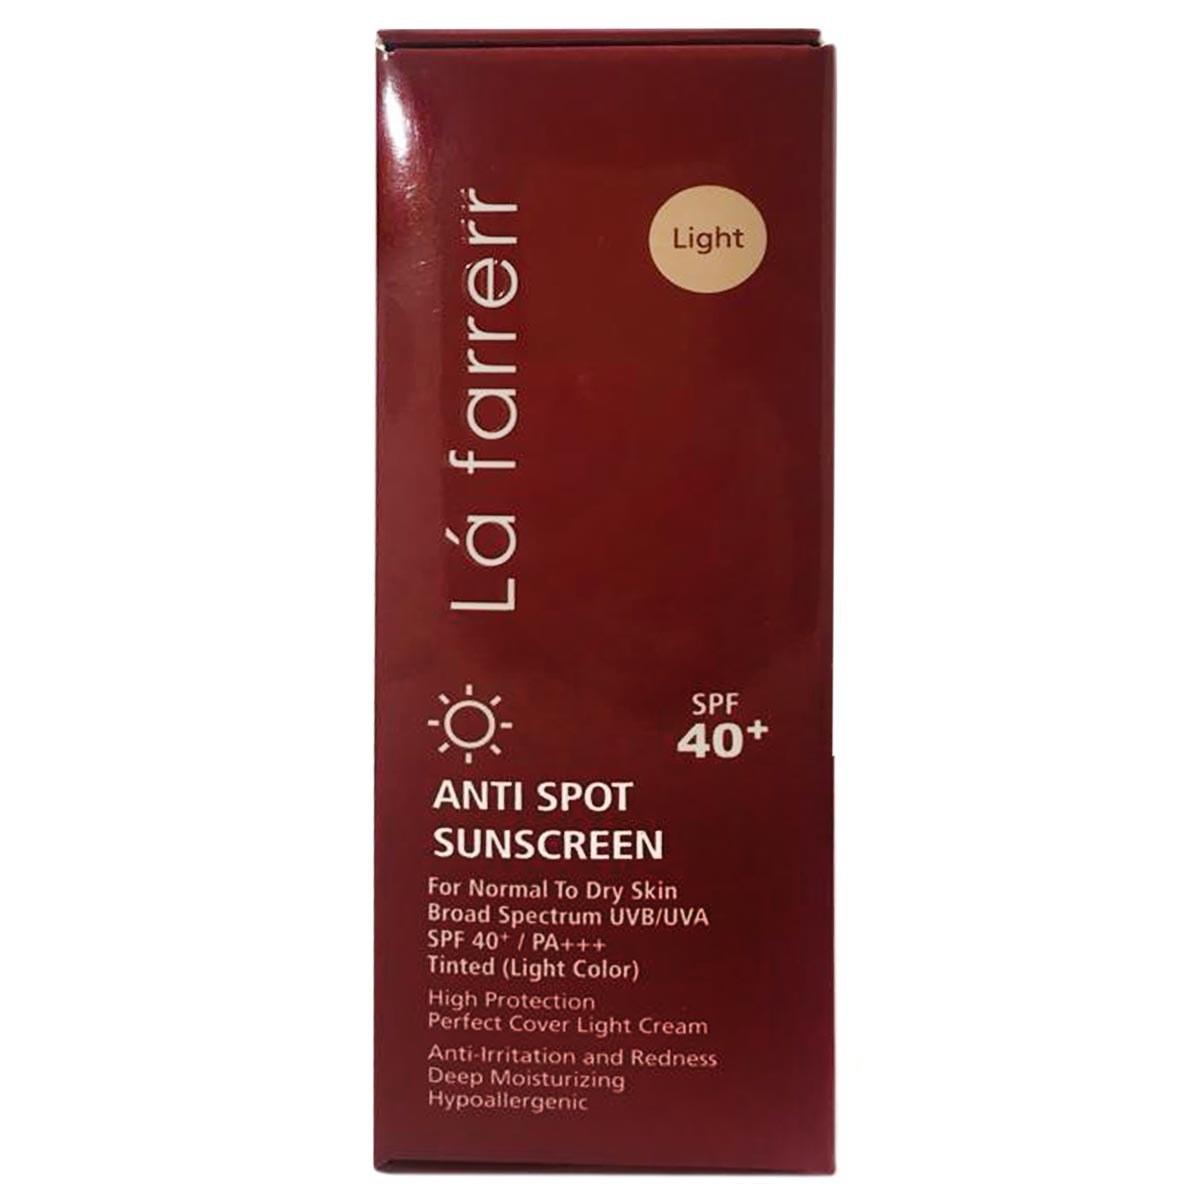 تصویر کرم ضد آفتاب و ضد لک پوست خشک لافارر spf40 La Farrerr